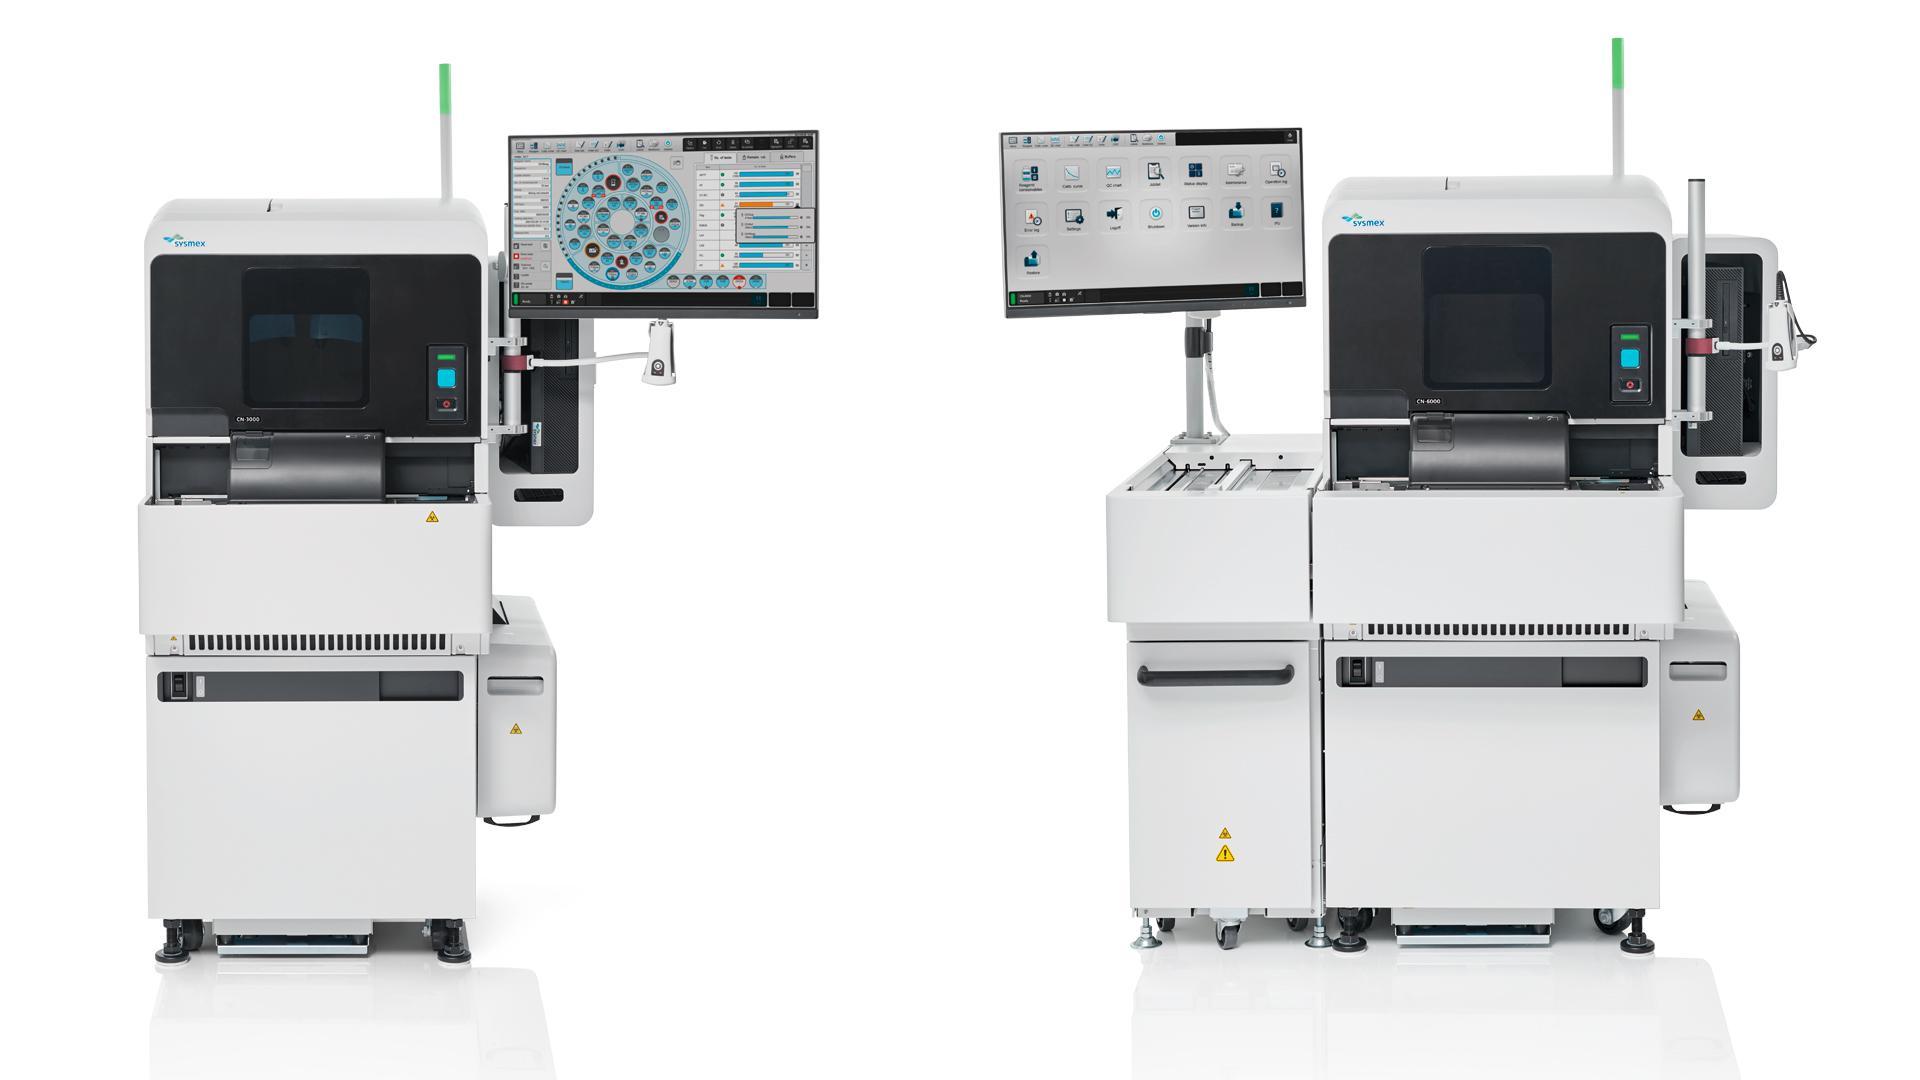 Siemens Healthineers startet den Vertrieb der Sysmex Hämostase-Systeme CN-3000 und CN-6000